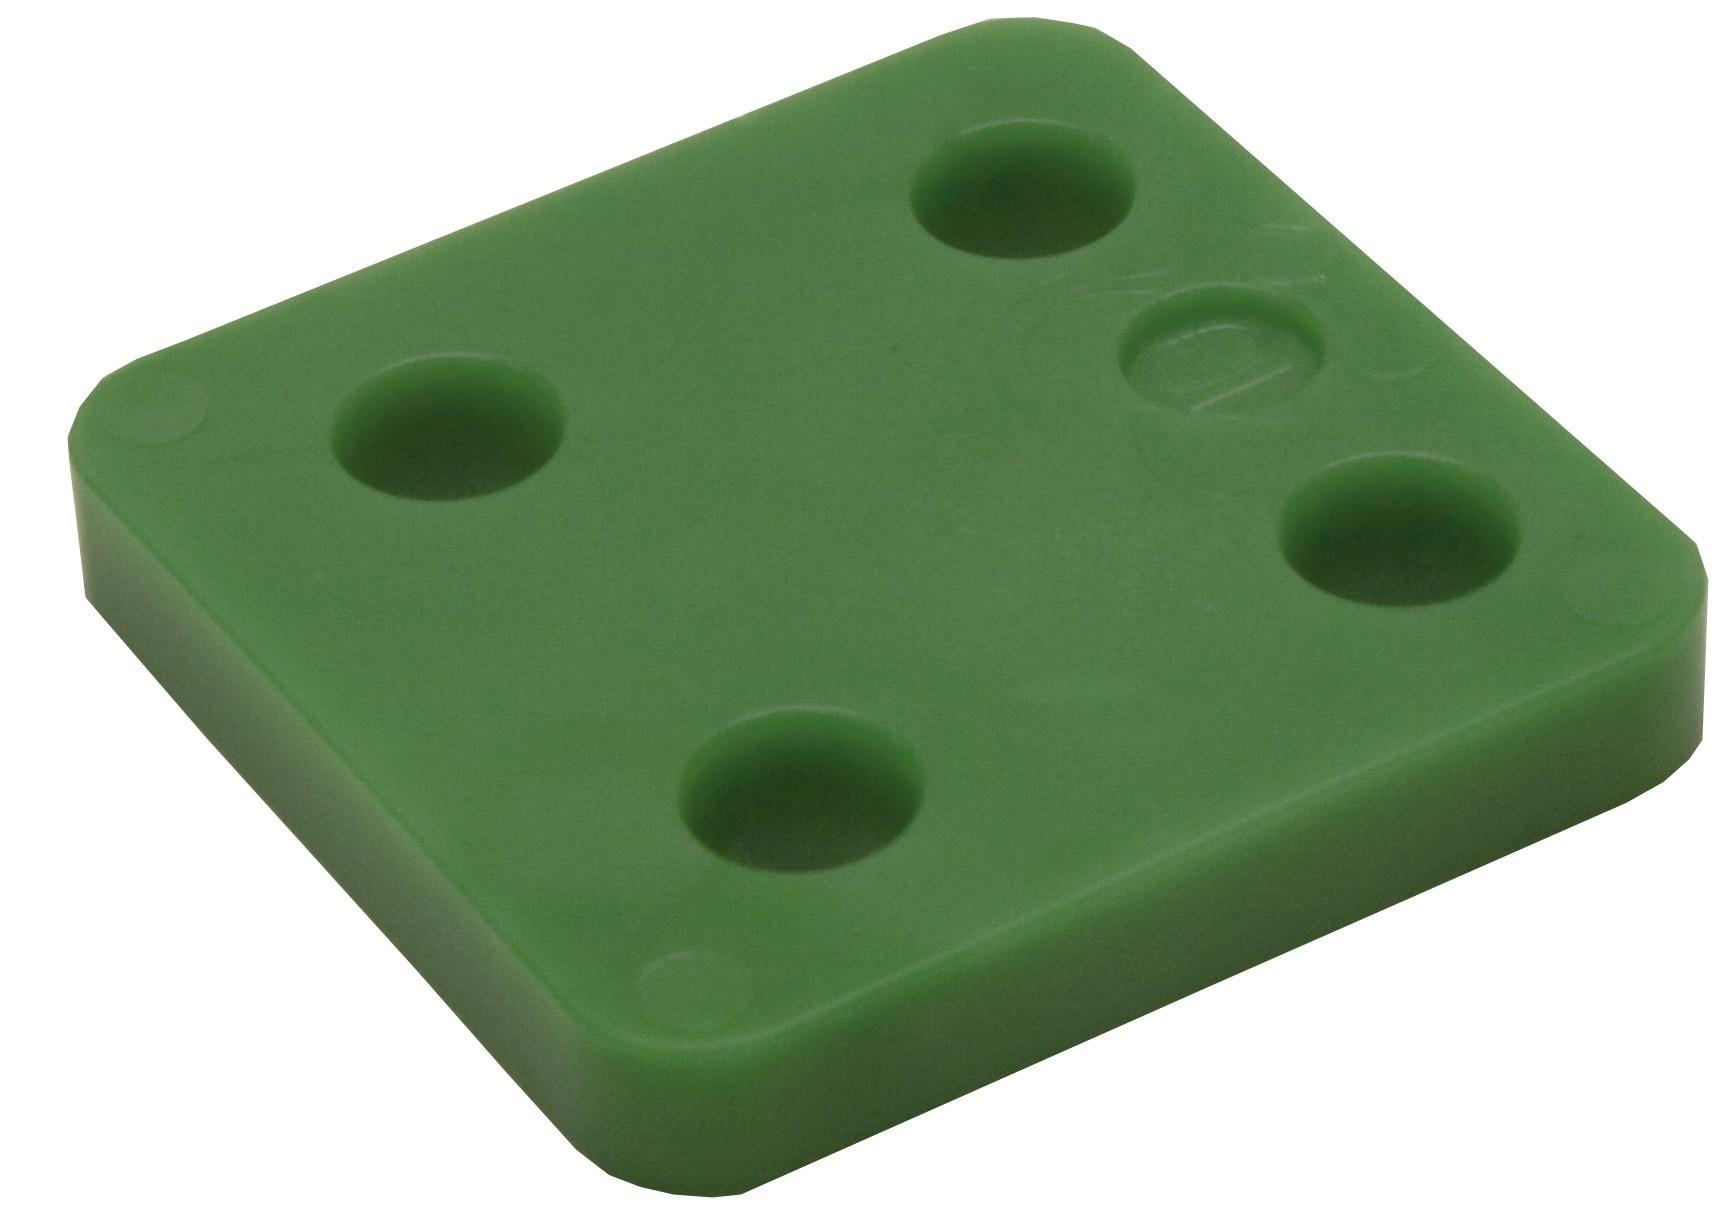 Drukplaat zonder sleuf groen 10 70x70 KS